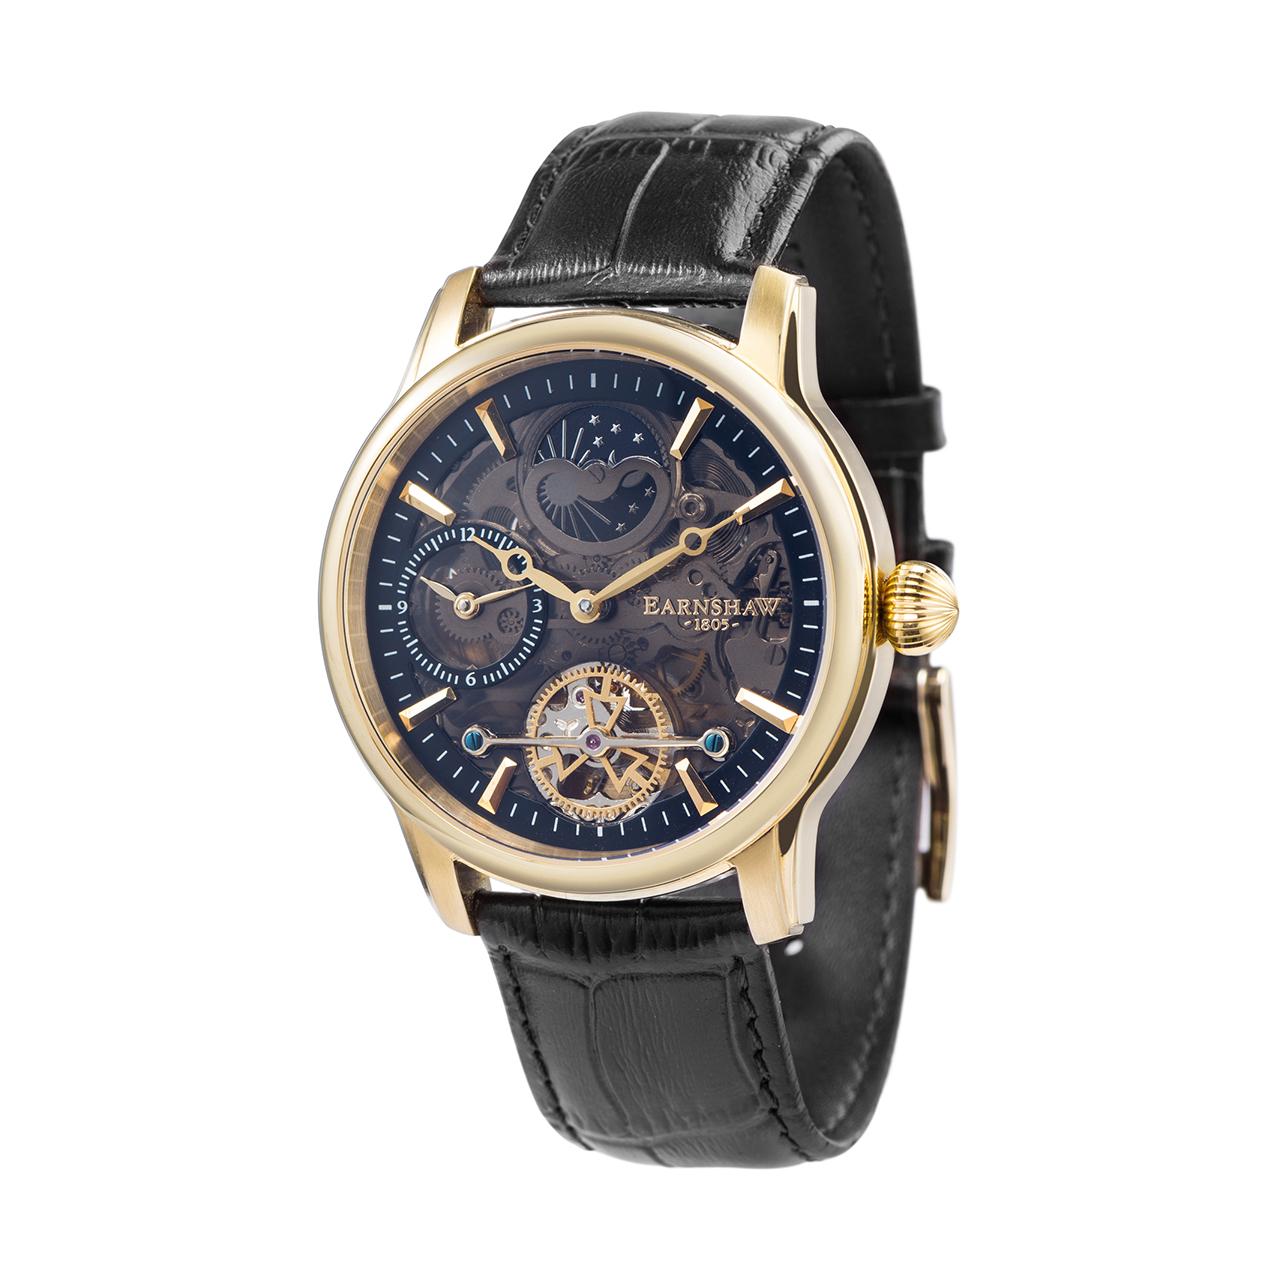 ساعت مچی عقربه ای مردانه ارنشا مدل ES-8063-05 35